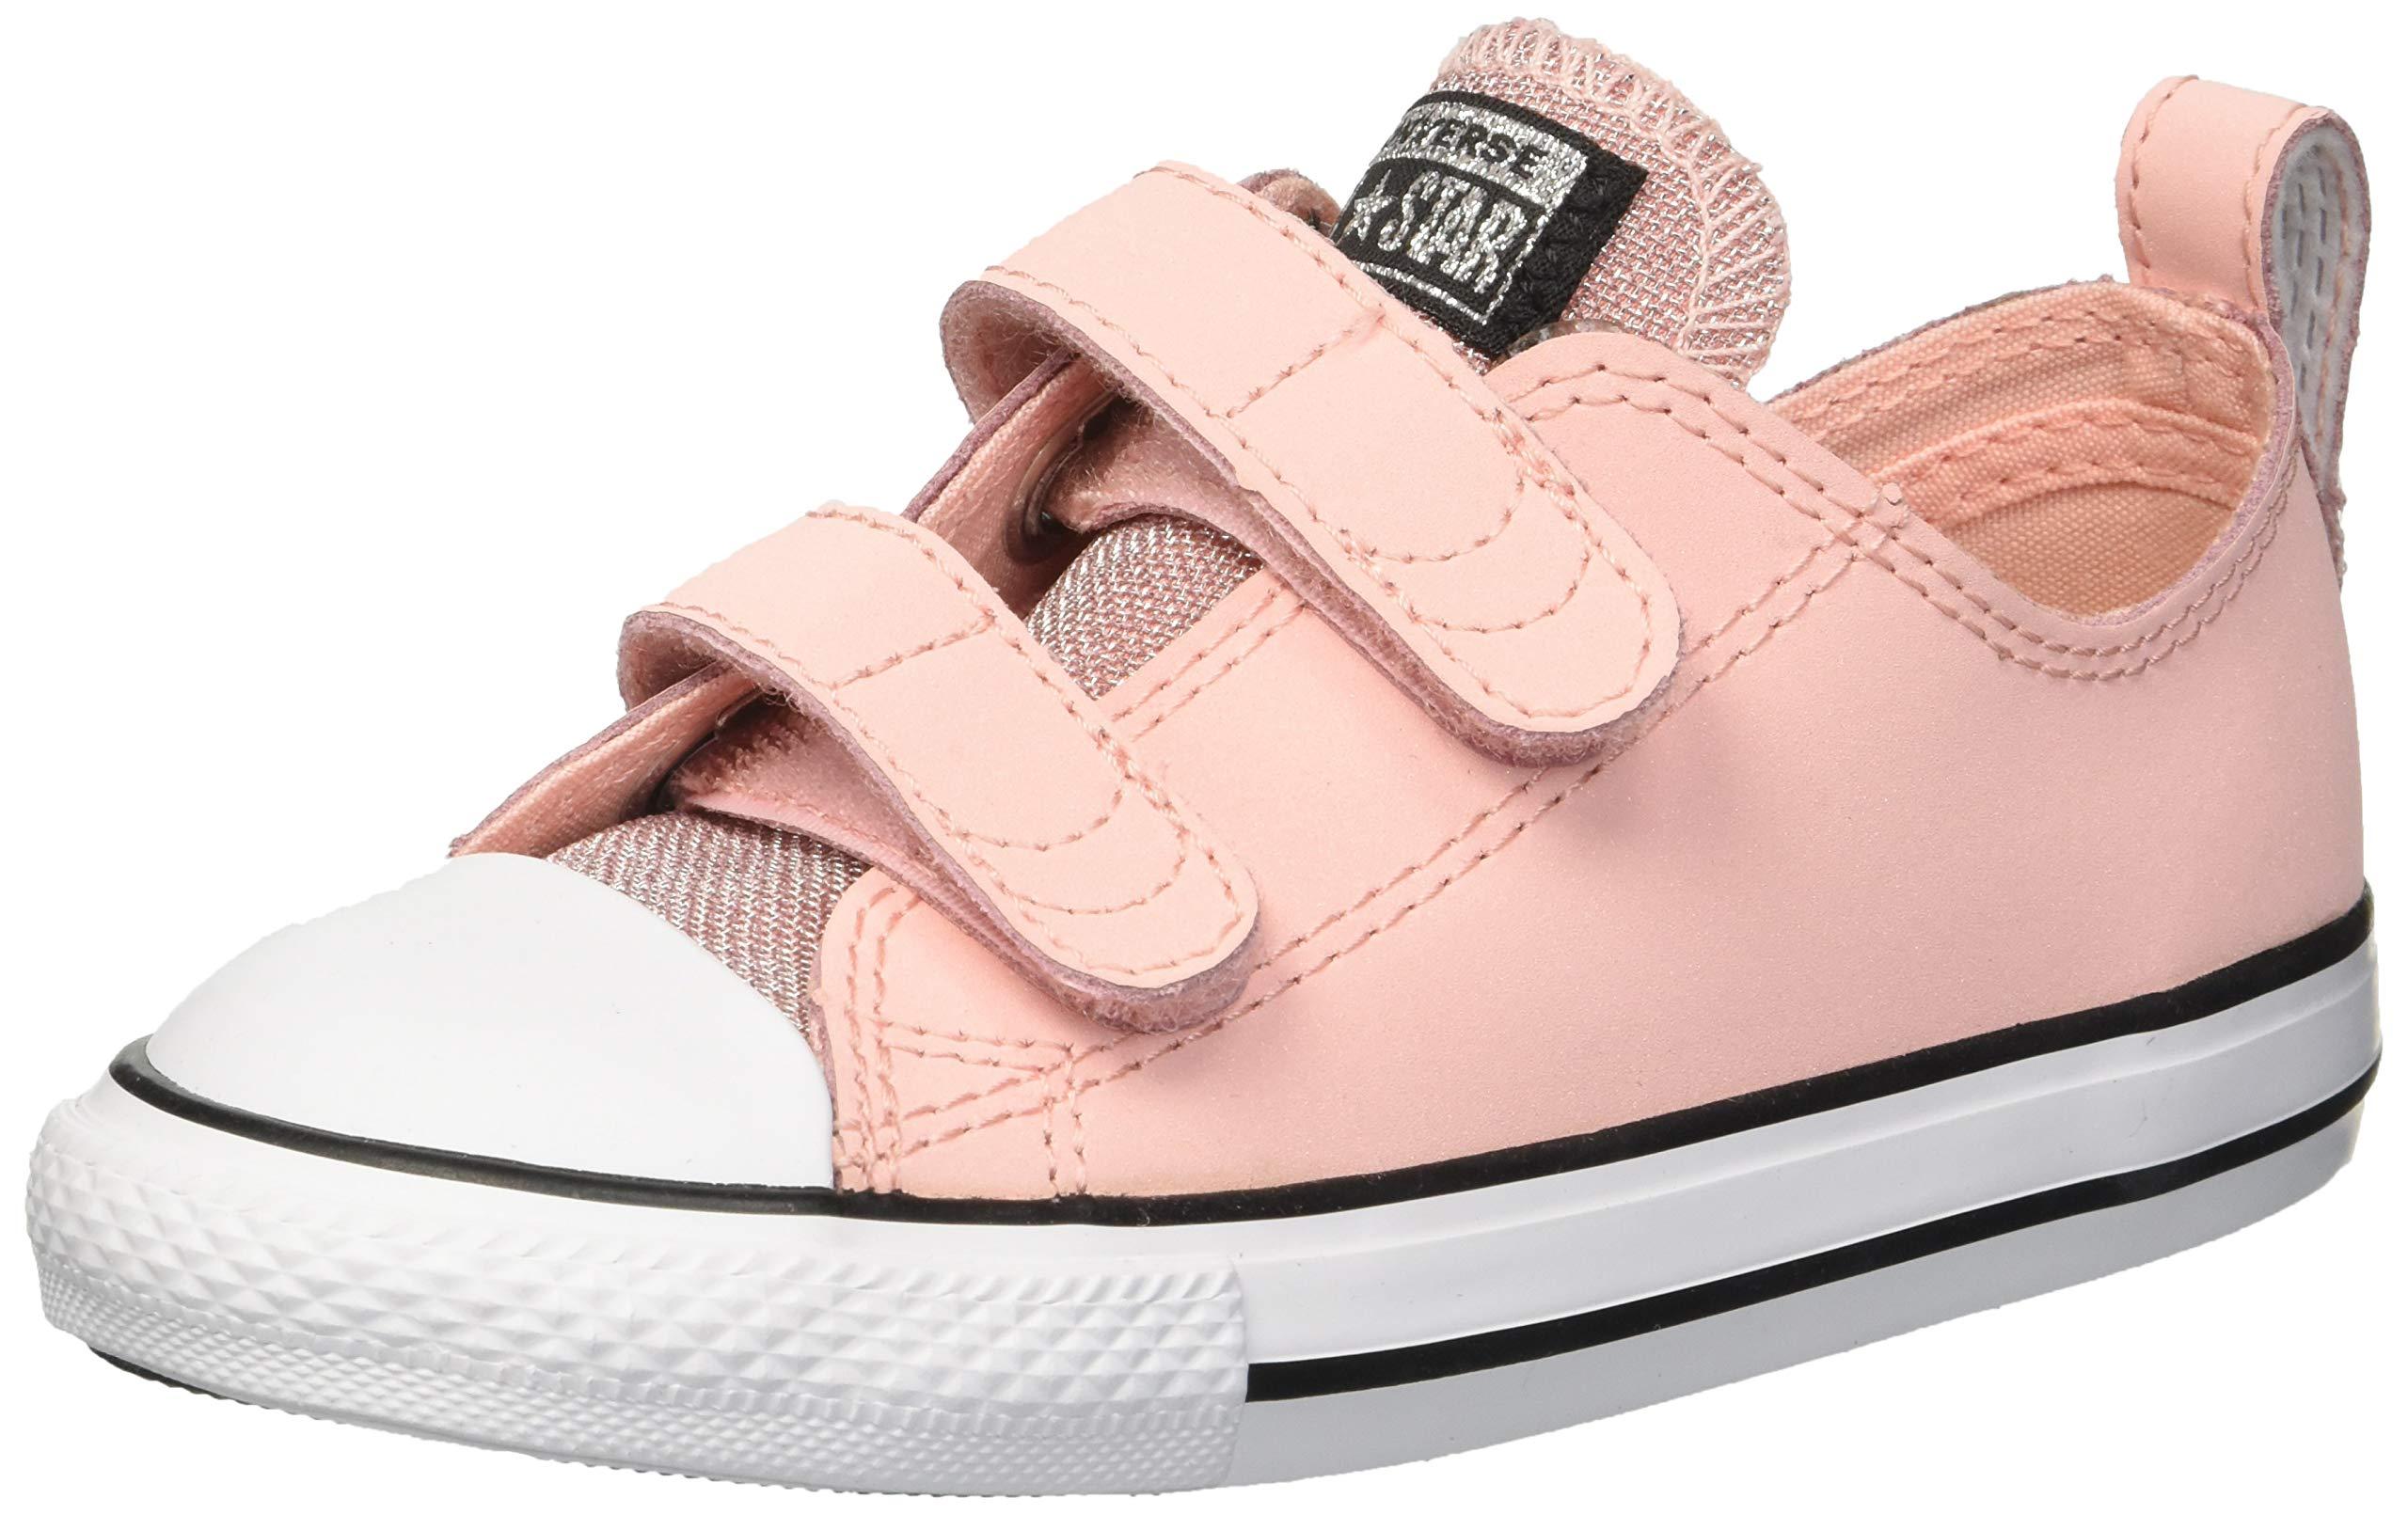 Converse Girls' Chuck Taylor All Star Glitter